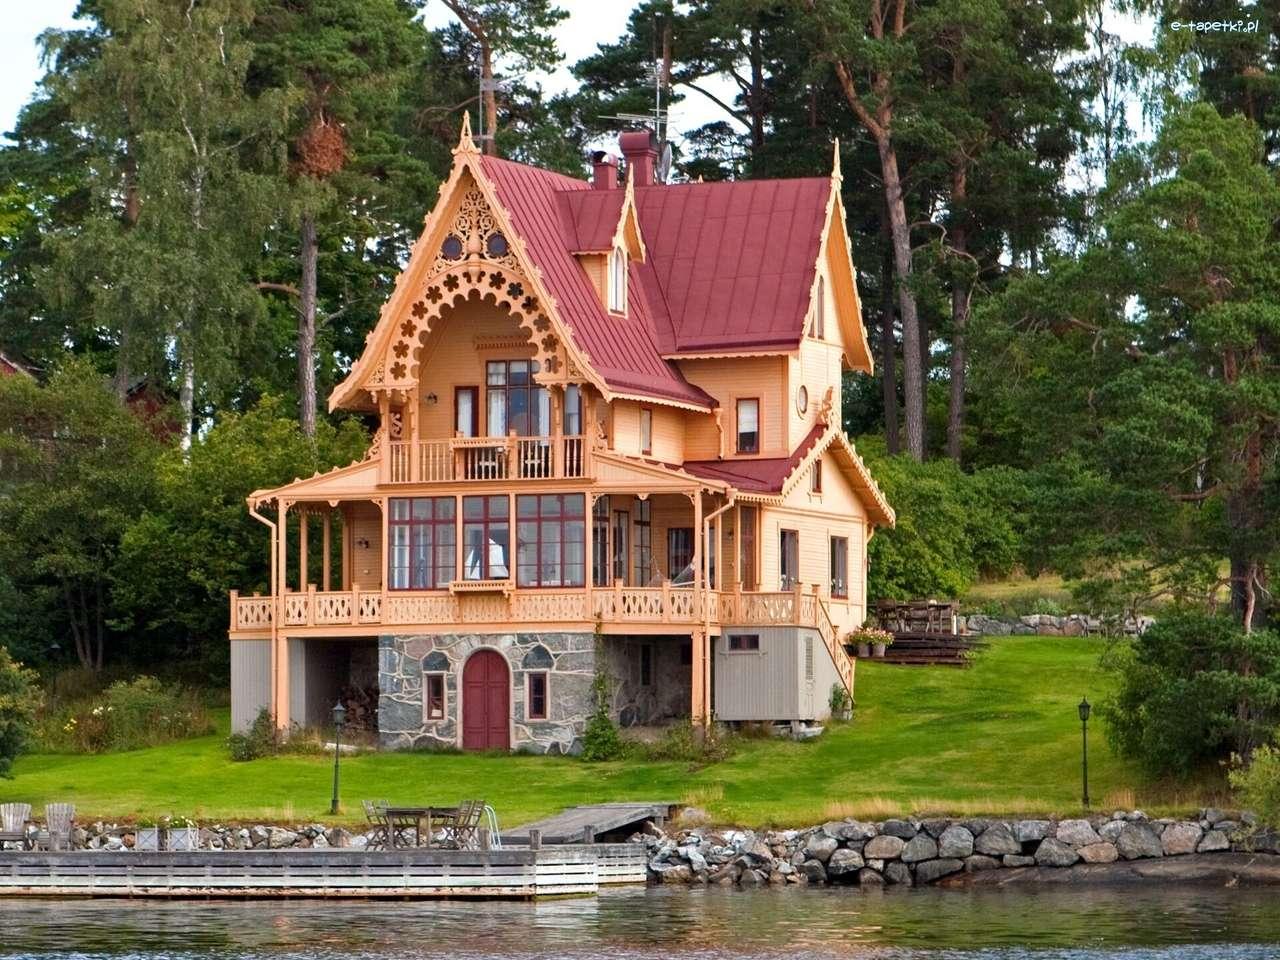 drewniany dom nad rzeką - m (13×10)